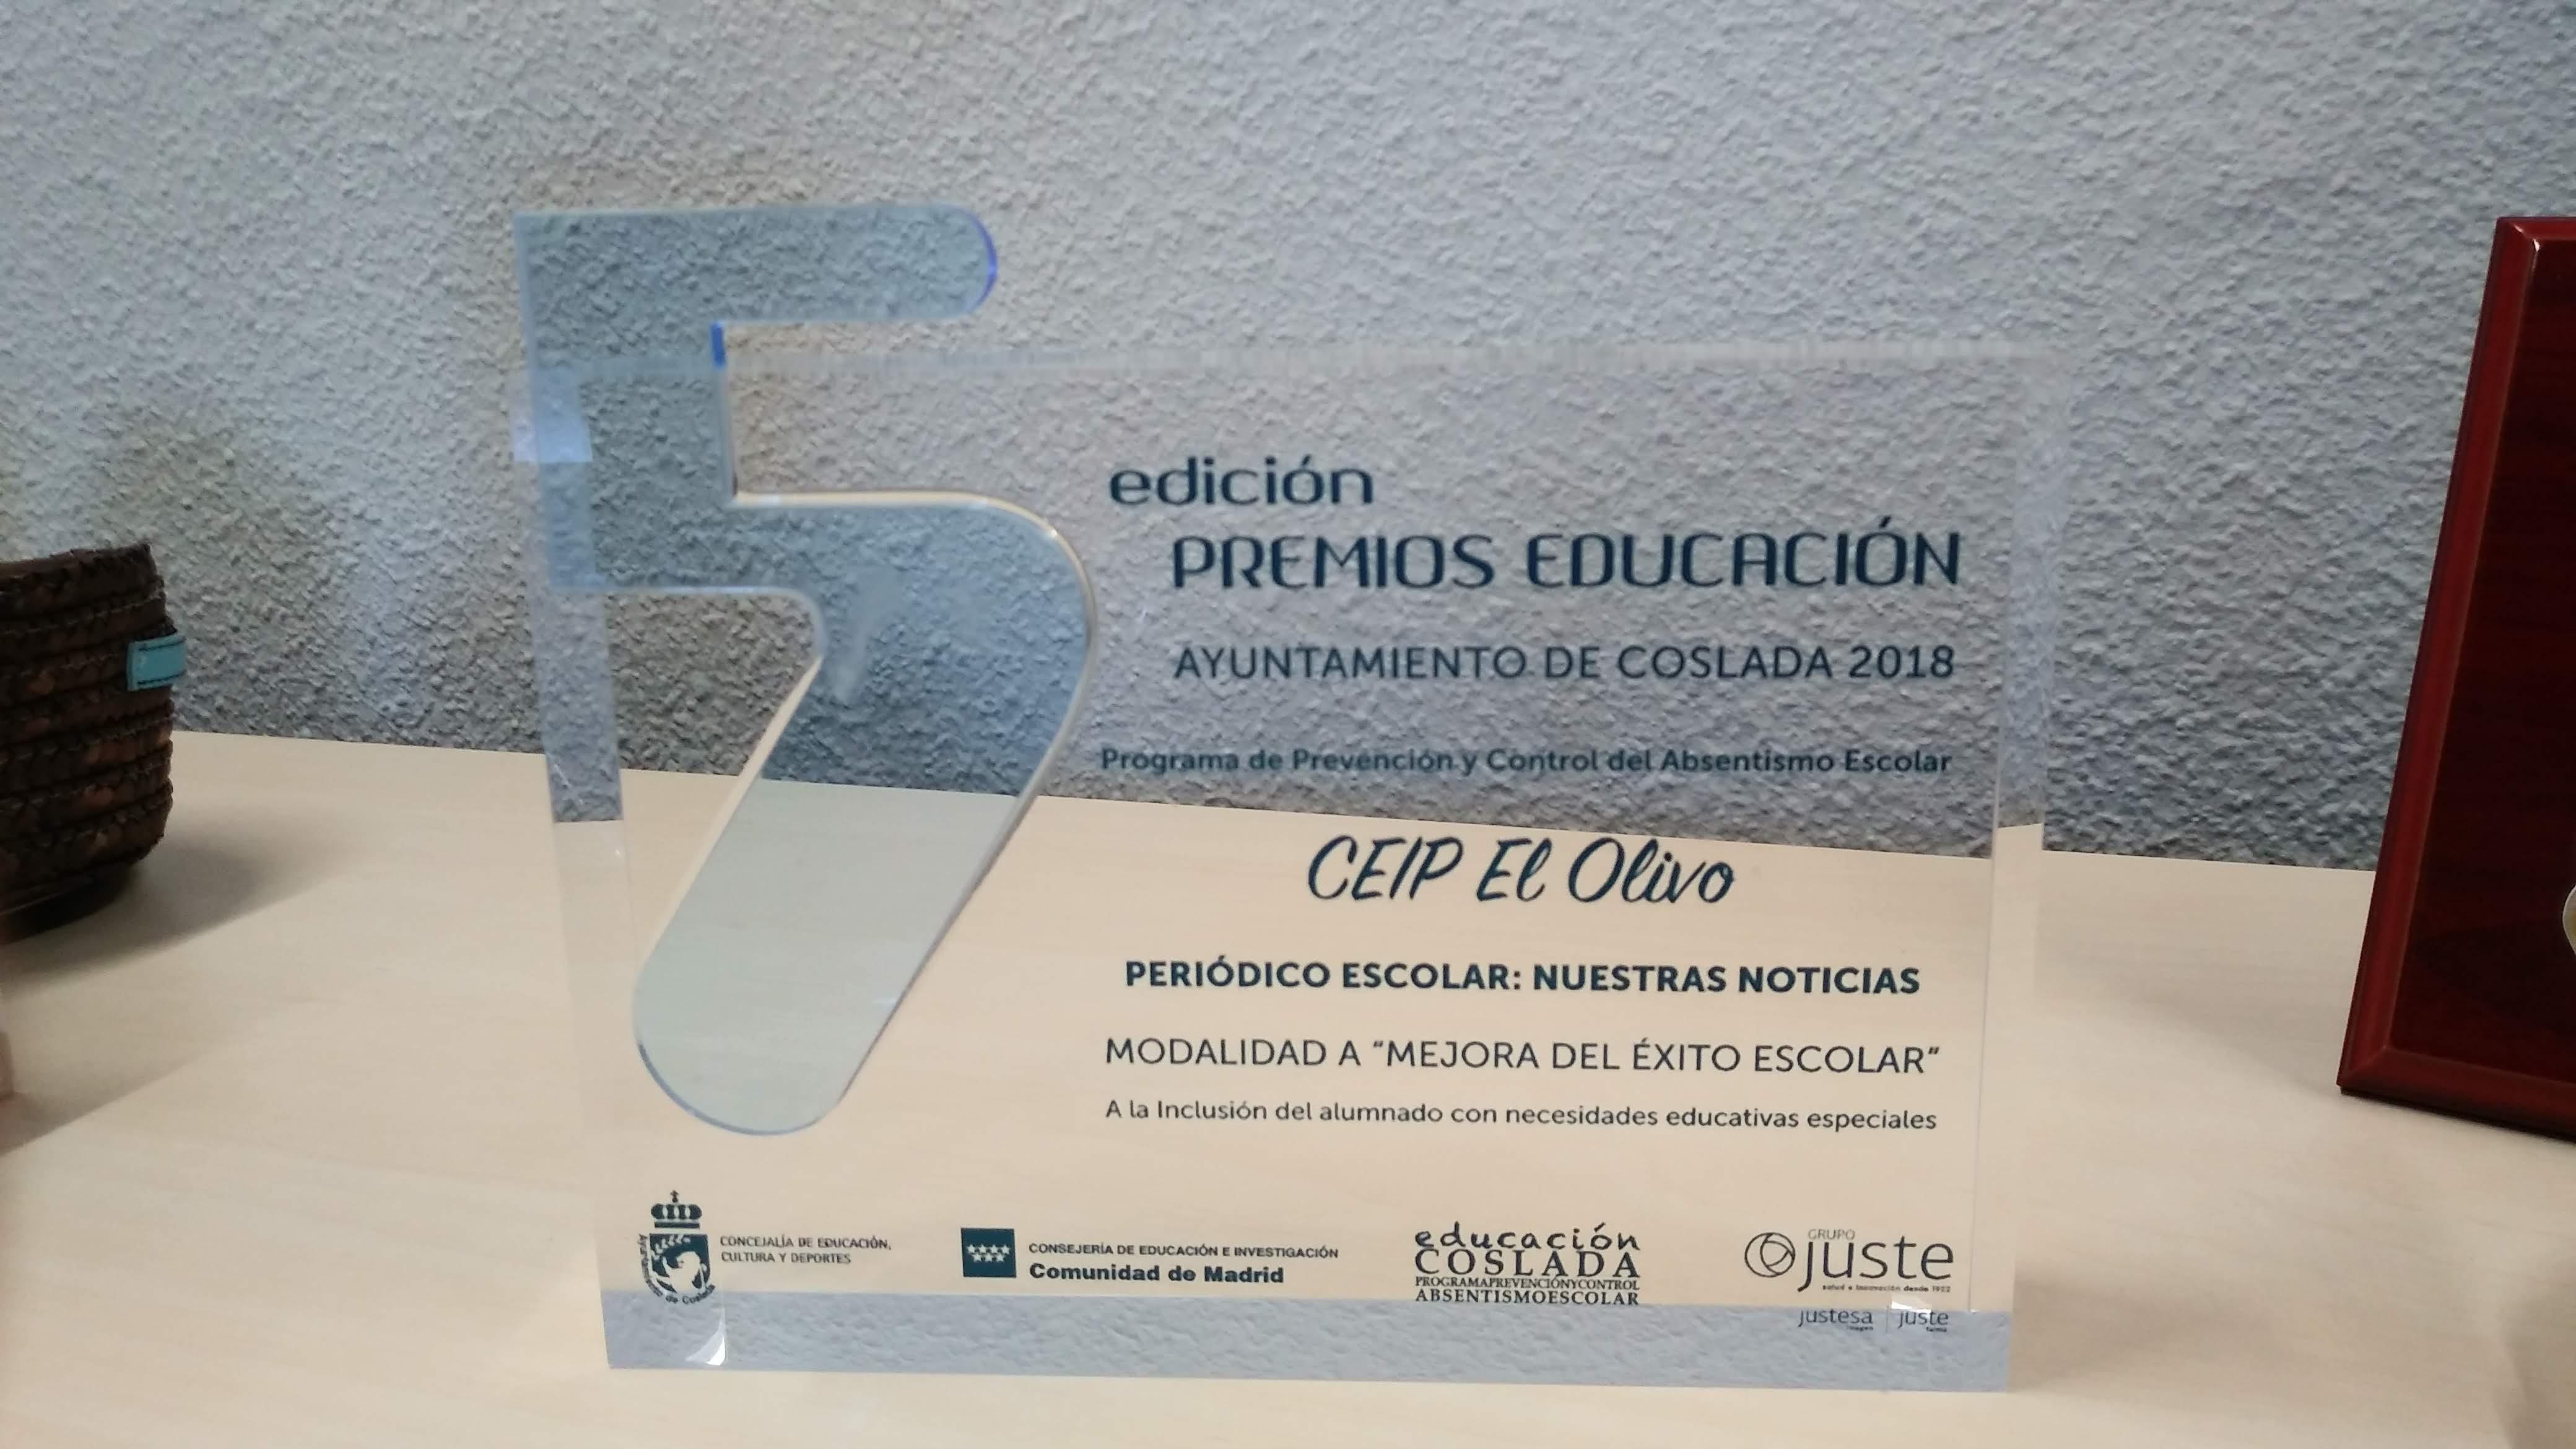 Premios de Educación. Mejora del´éxito escolar 3